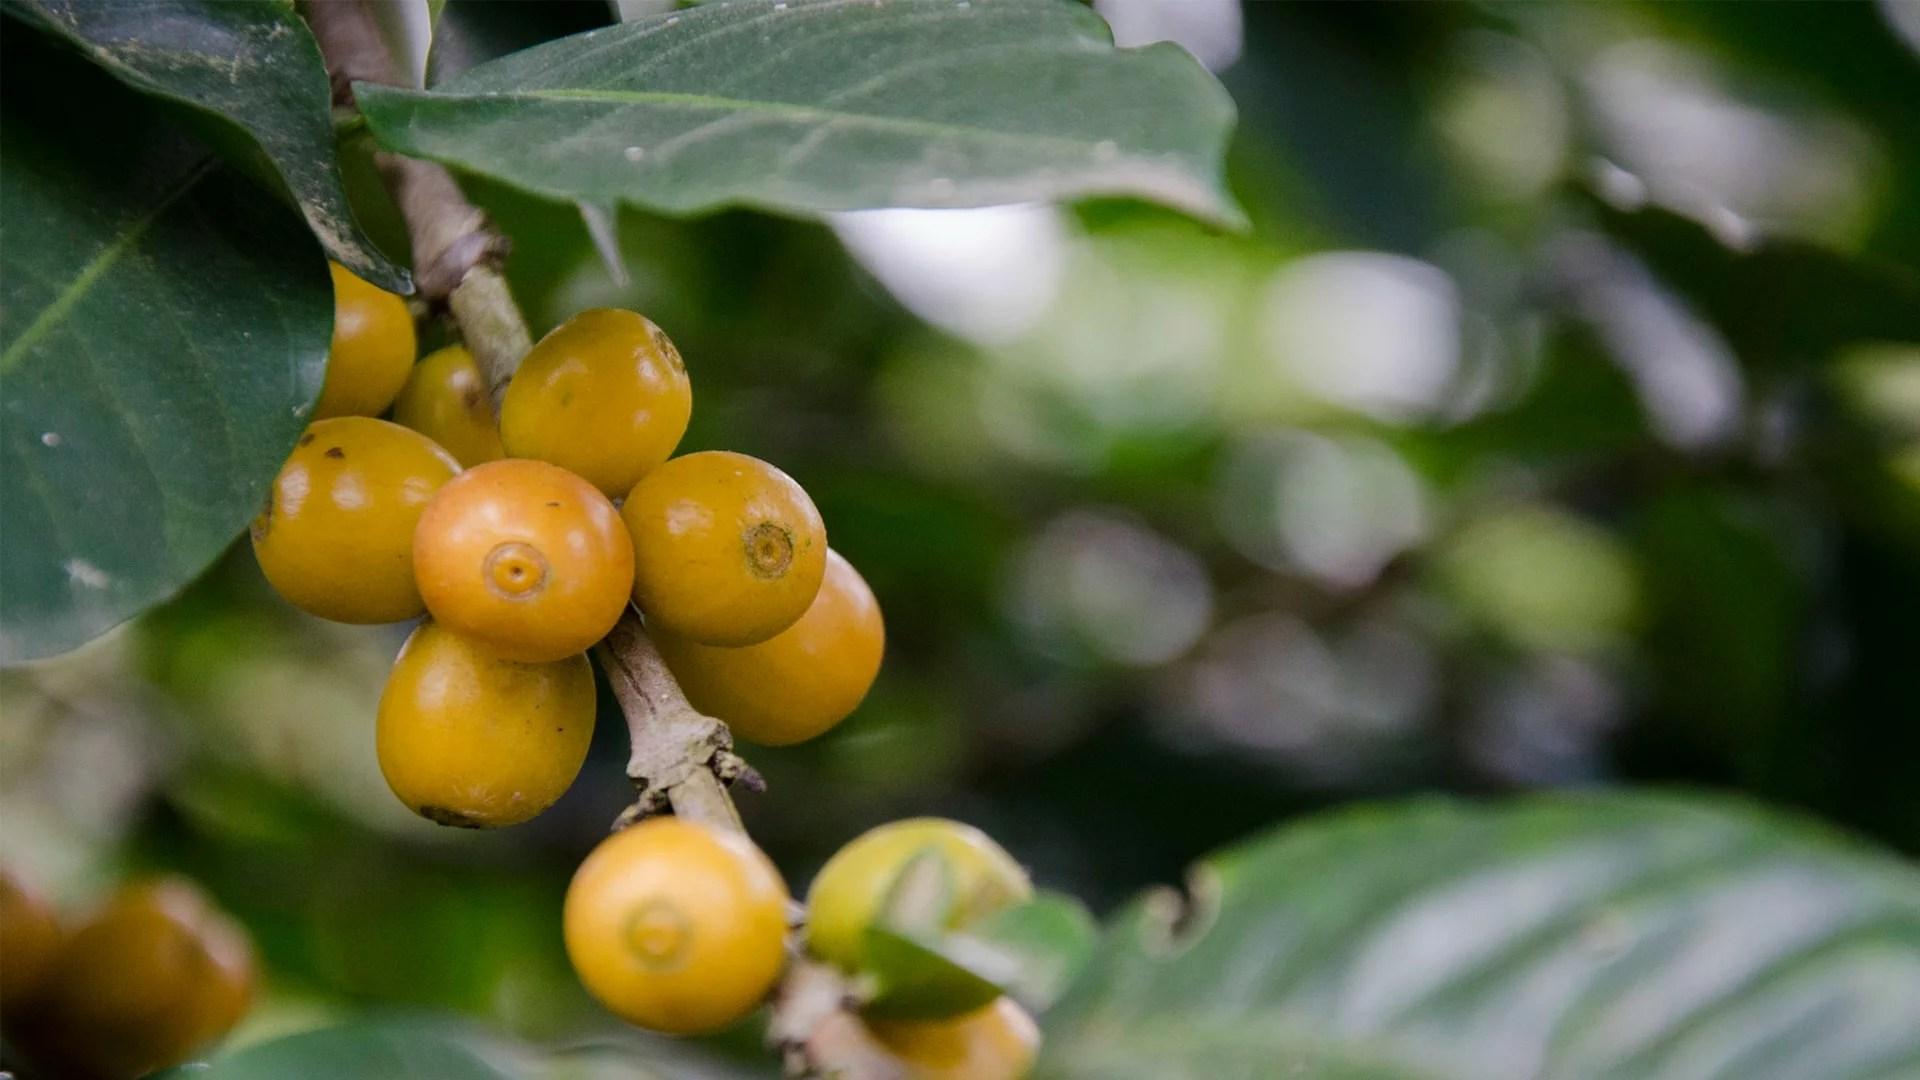 Anbassa-artisan-torrefacteur-arbre-le-cafeier-lhistoire-de-ses-varietes-slide-2-1-min